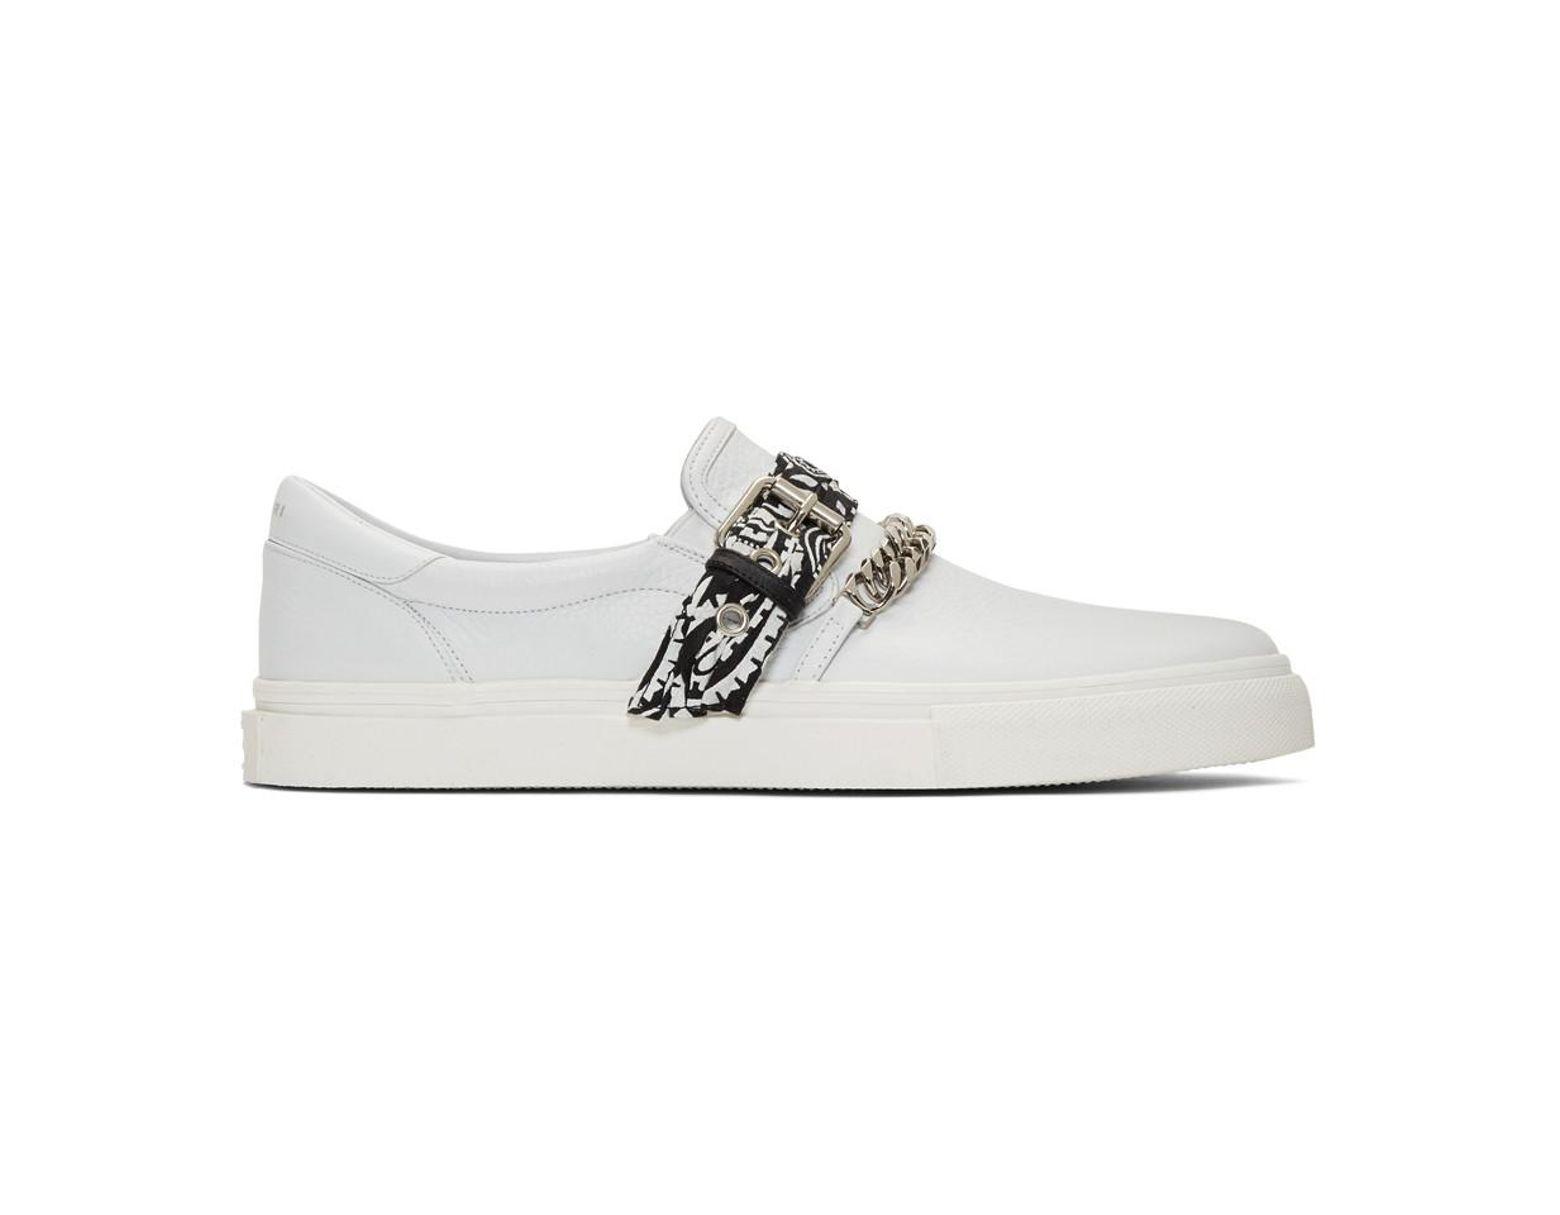 64da01919650 Amiri White Bandana Slip-on Sneakers in White for Men - Lyst